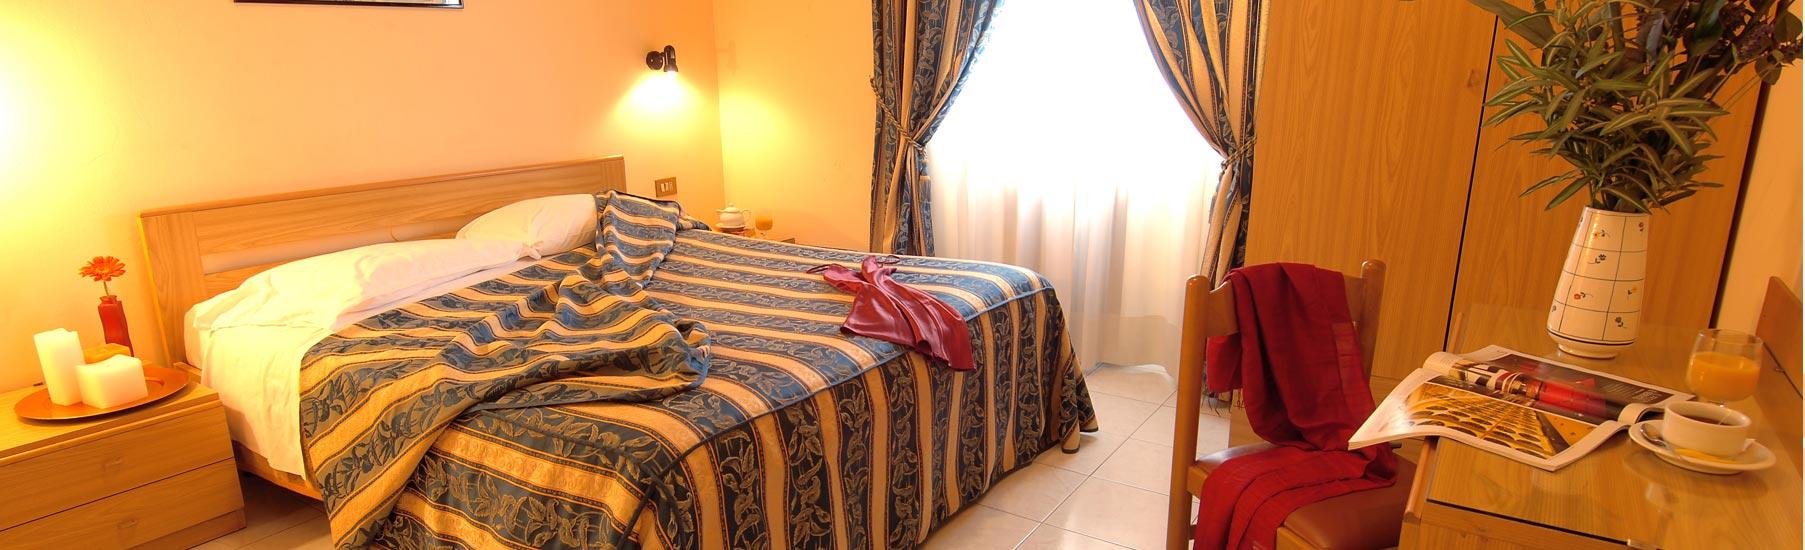 HotelLoretoMilano_HomeSlider031